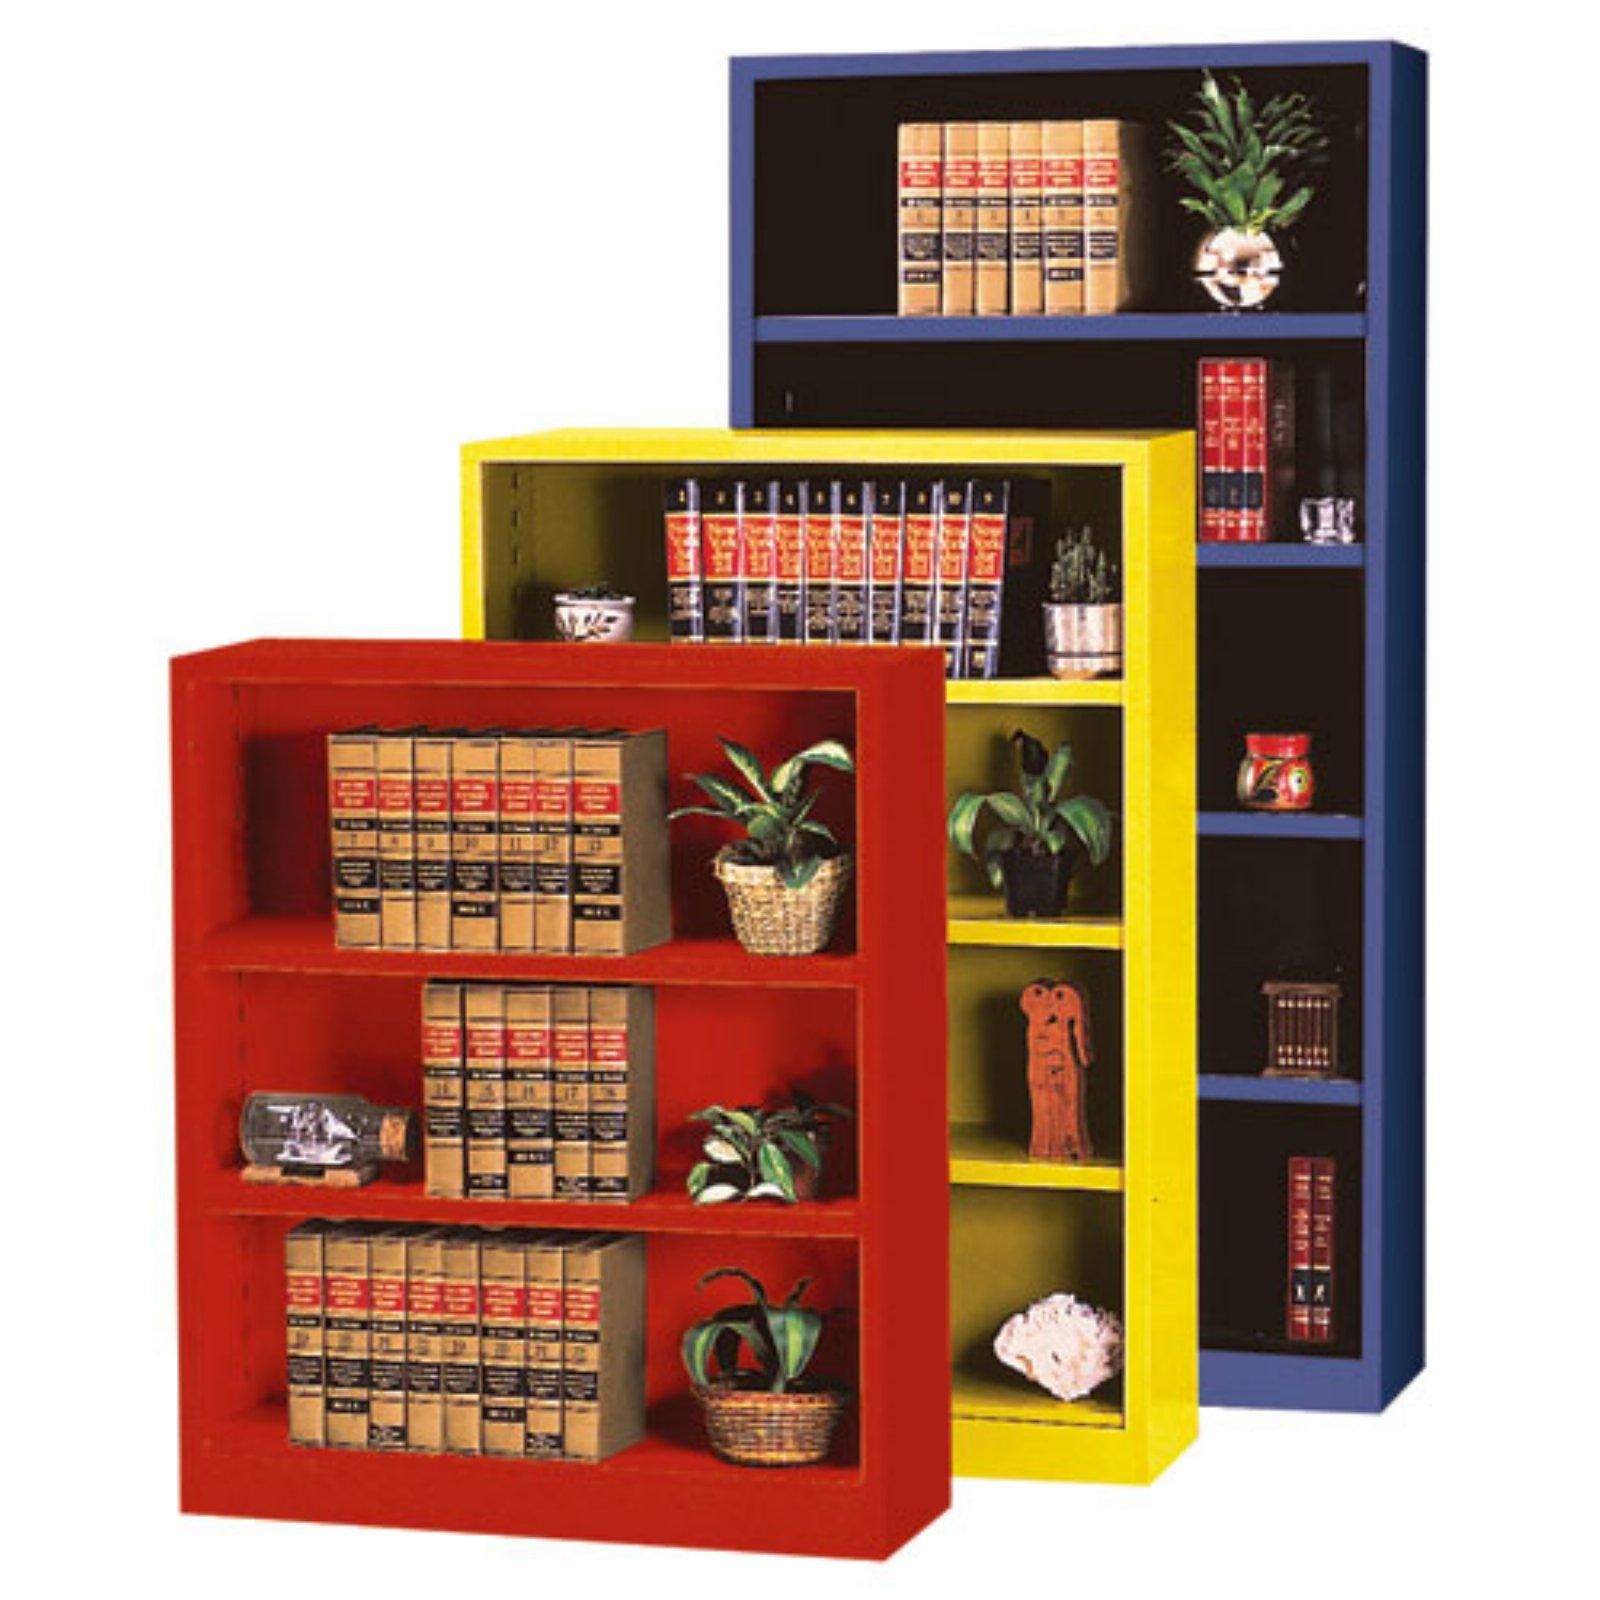 Sandusky Lee Heavy Duty Commercial Metal Bookcase